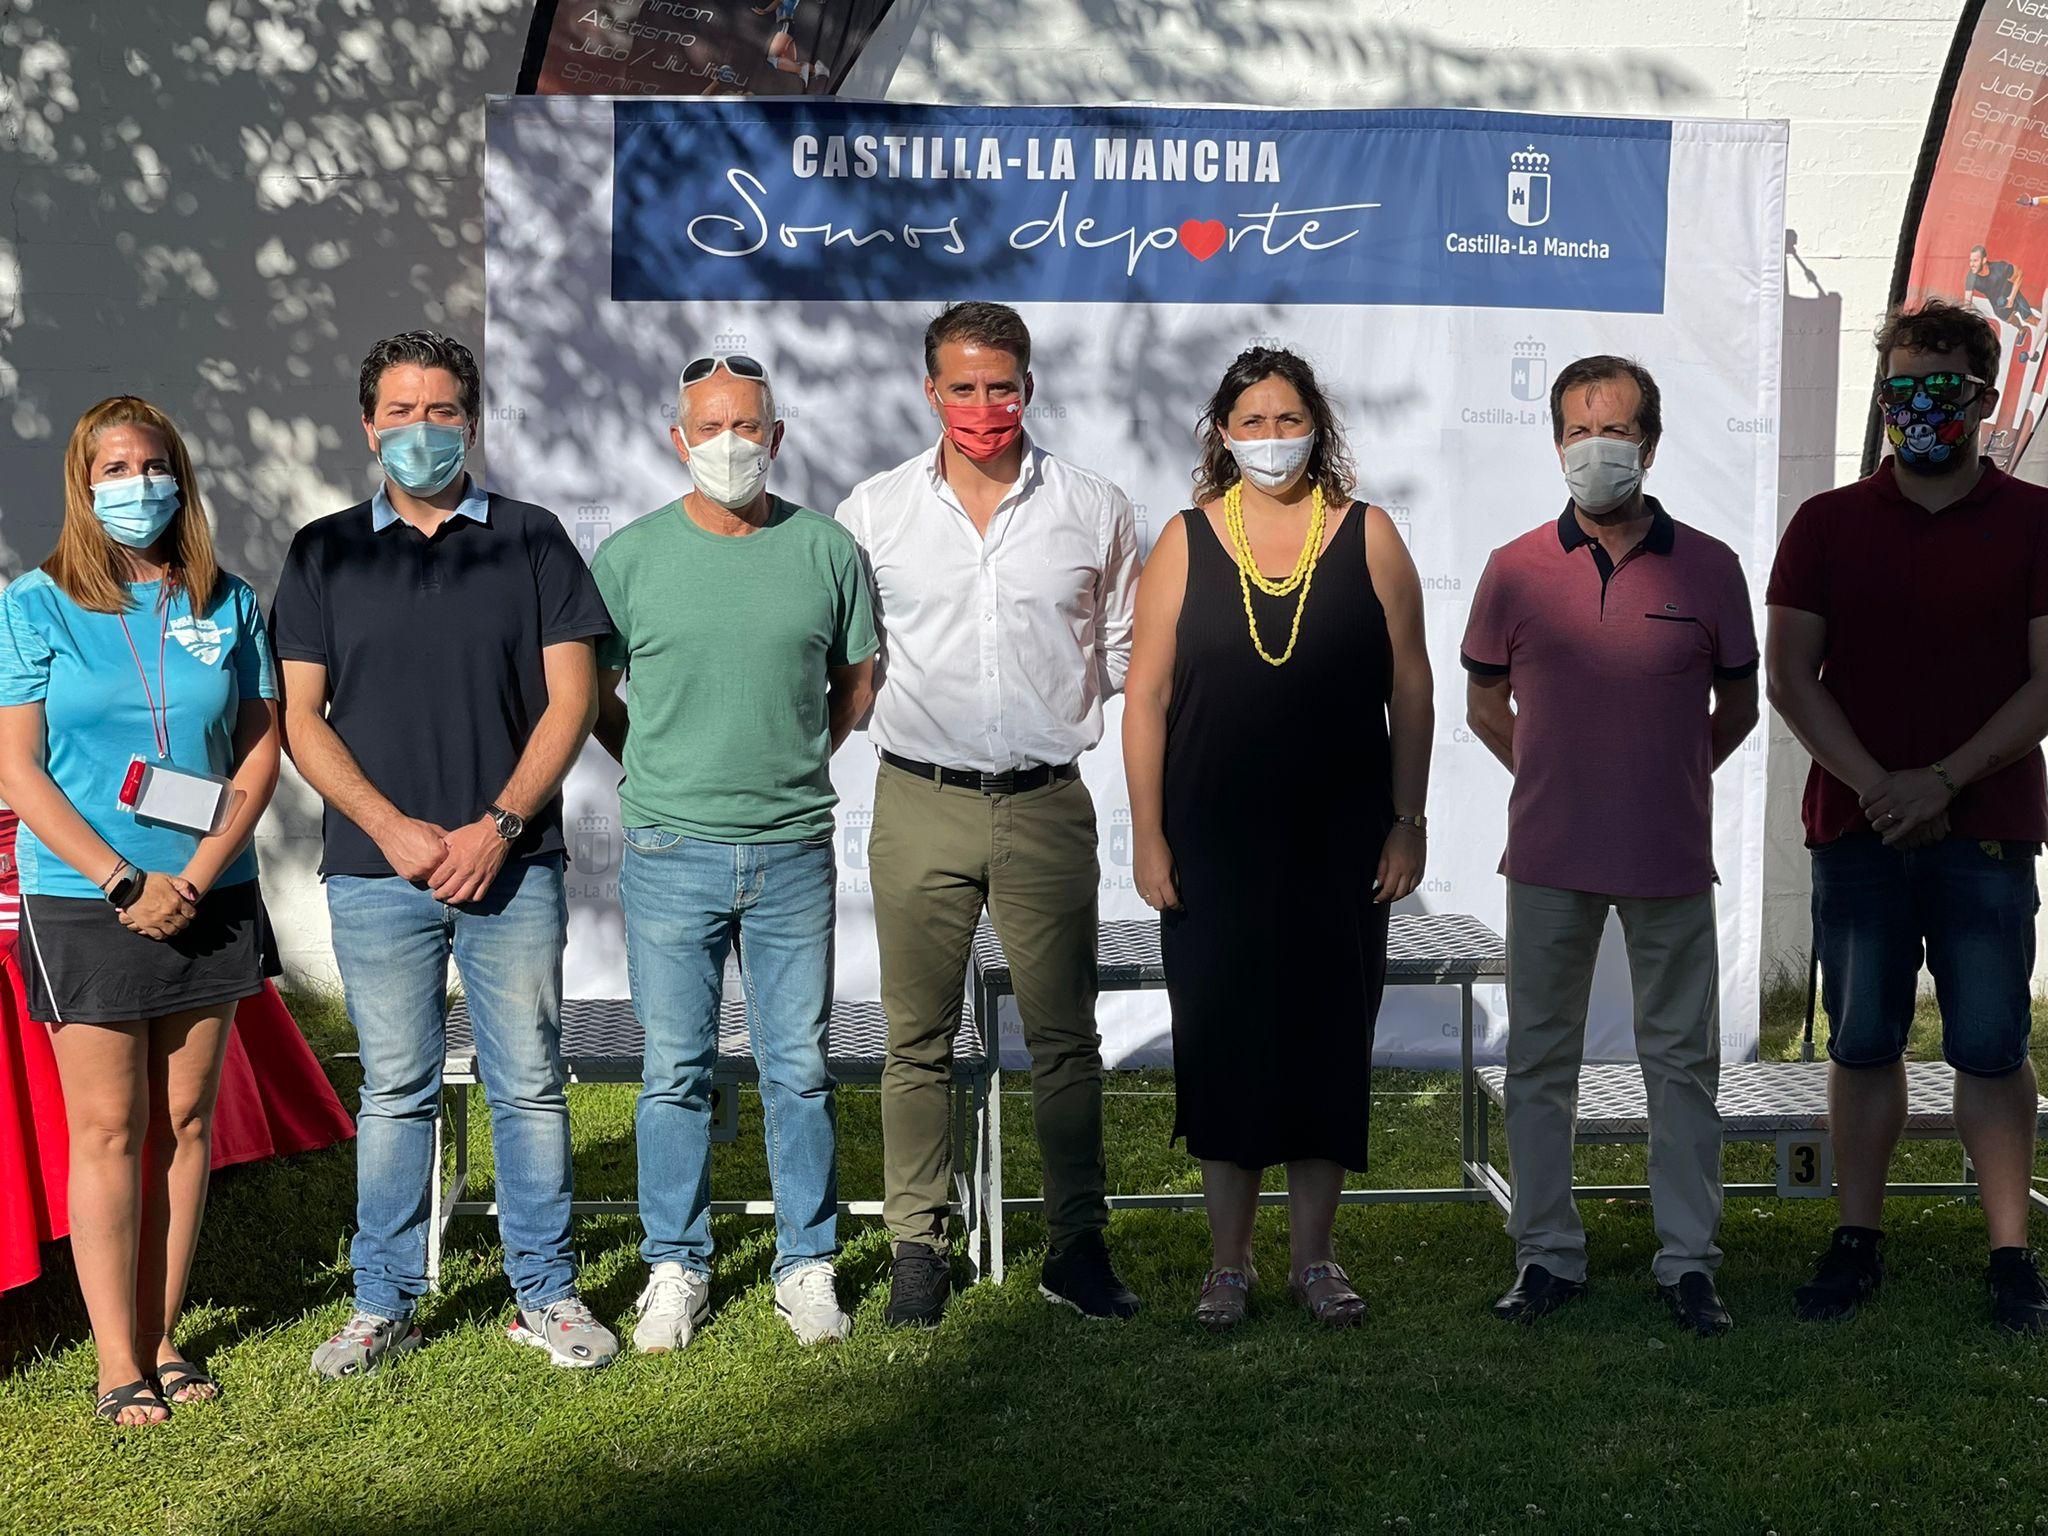 El Gobierno regional felicita a los nadadores de Castilla-La Mancha por su participación en el campeonato de natación celebrado en Puertollano